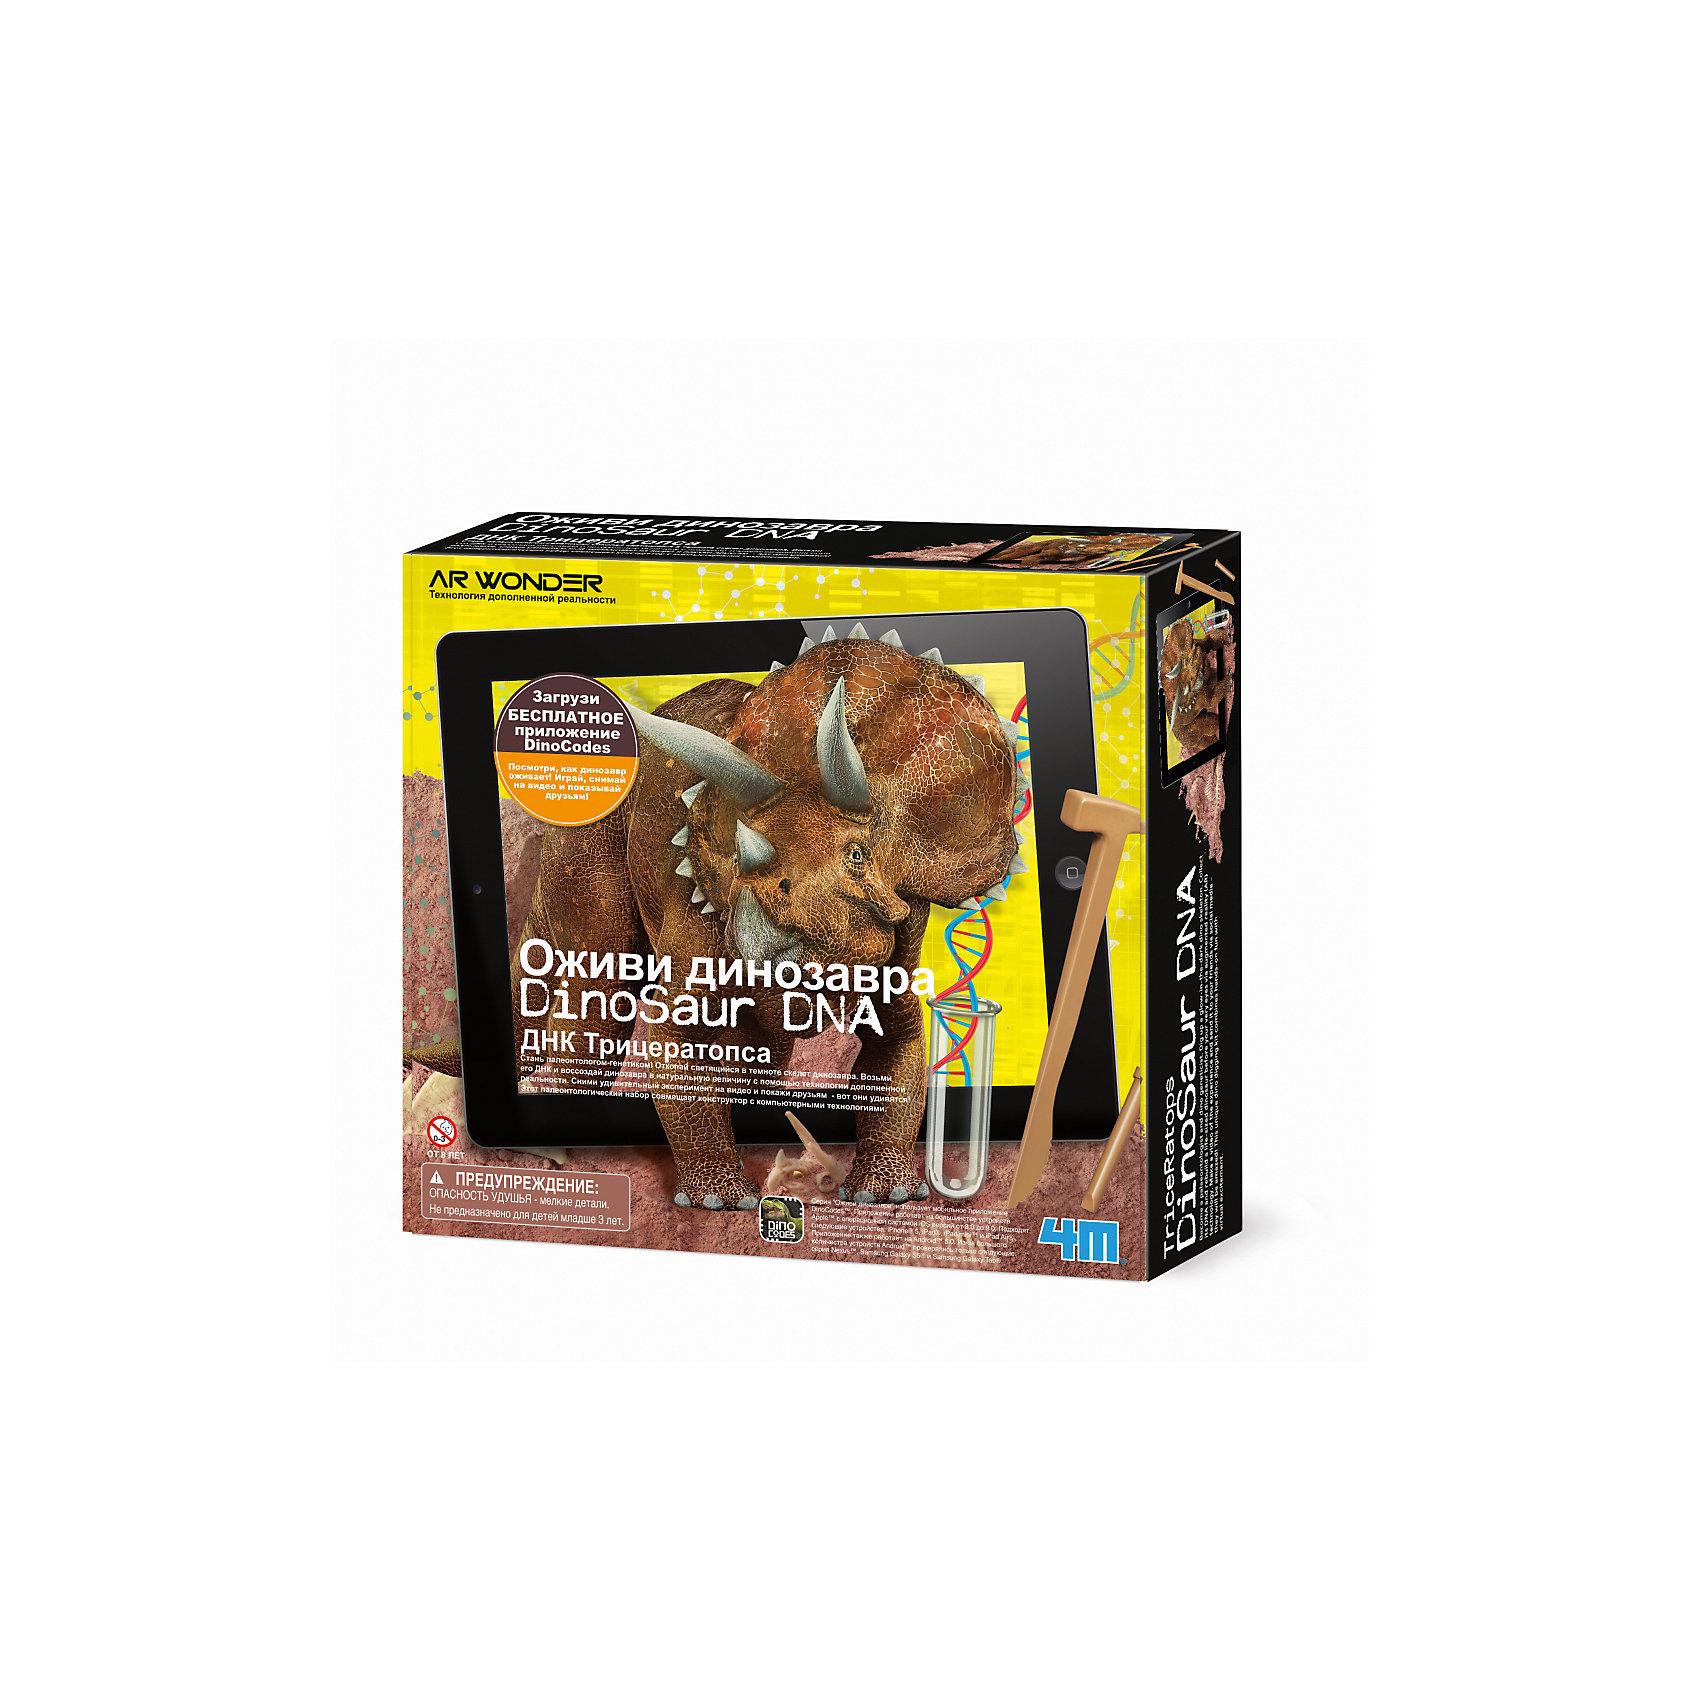 Набор Оживи динозавра. ДНК ТрицераптосаНабор Оживи динозавра. ДНК Трицераптоса.<br><br>Характеристика: <br><br>• Возраст: от 8 лет<br>• Материал: пластик, гипс, воск. <br>• Размер: 6х24х21,5 см.<br>• Комплектация: 1 гипсовый блок, содержащий капсулу с наклейками ДНК динозавра и светящийся скелет динозавра, 1 набор специальных инструментов для раскопок, 1 кисть, 2 специальных игровых коврика для создания дополненной реальности (42?42 см), 1 кусок мягкого воска.<br>• Развивает внимание, мелкую моторику, воображение; расширяет кругозор. <br>• Для оживления динозавра требуется приложение Dino Codes. <br><br>С помощью этого замечательного набора ребенок почувствует себя настоящим ученым-палеонтологом. В наборе есть гипсовый блок, в котором содержится капсула с ДНК динозавра (наклейками) и части скелета. Собери своего трицератопса а потом, следуя инструкции, создай видео и оживи доисторического монстра! <br>Игры с набором прекрасно развивают моторику рук, внимание, фантазию, расширяют кругозор.<br><br>Набор Оживи динозавра. ДНК Трицераптоса можно купить в нашем интернет-магазине.<br><br>Ширина мм: 215<br>Глубина мм: 240<br>Высота мм: 60<br>Вес г: 1192<br>Возраст от месяцев: 96<br>Возраст до месяцев: 2147483647<br>Пол: Унисекс<br>Возраст: Детский<br>SKU: 5487902